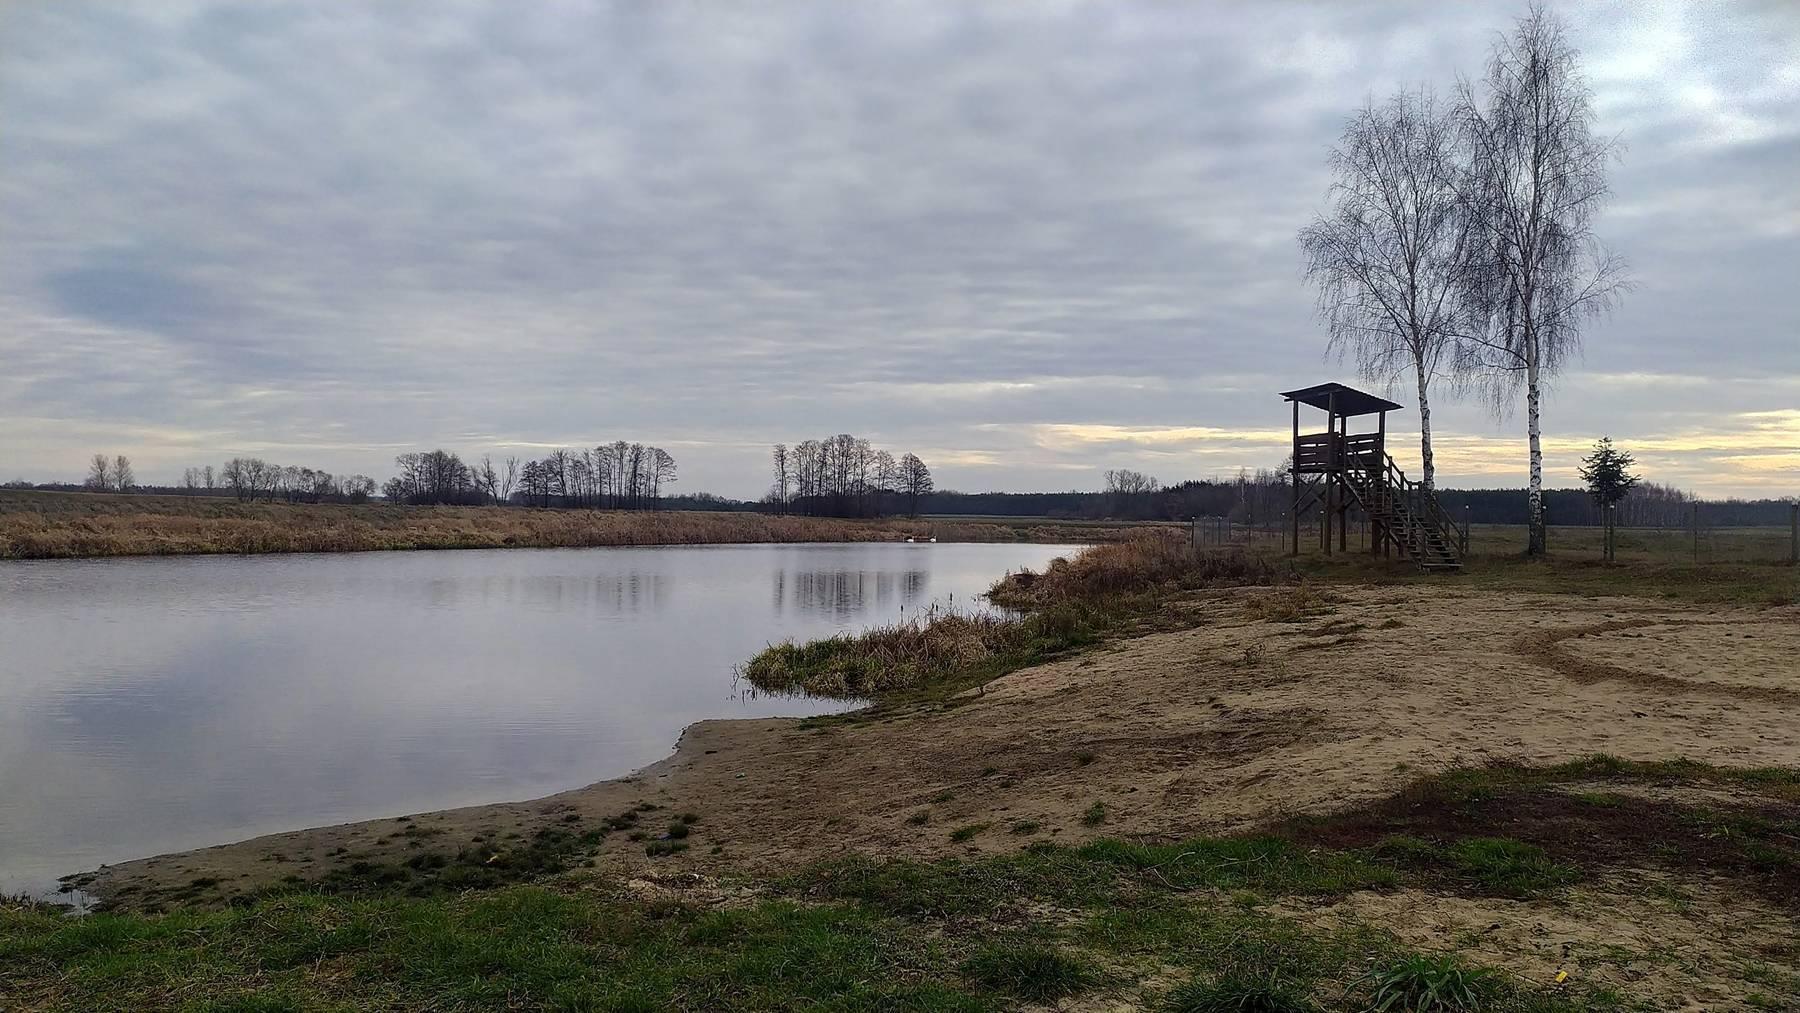 jezioro w kiełpińcu grudzień 2019